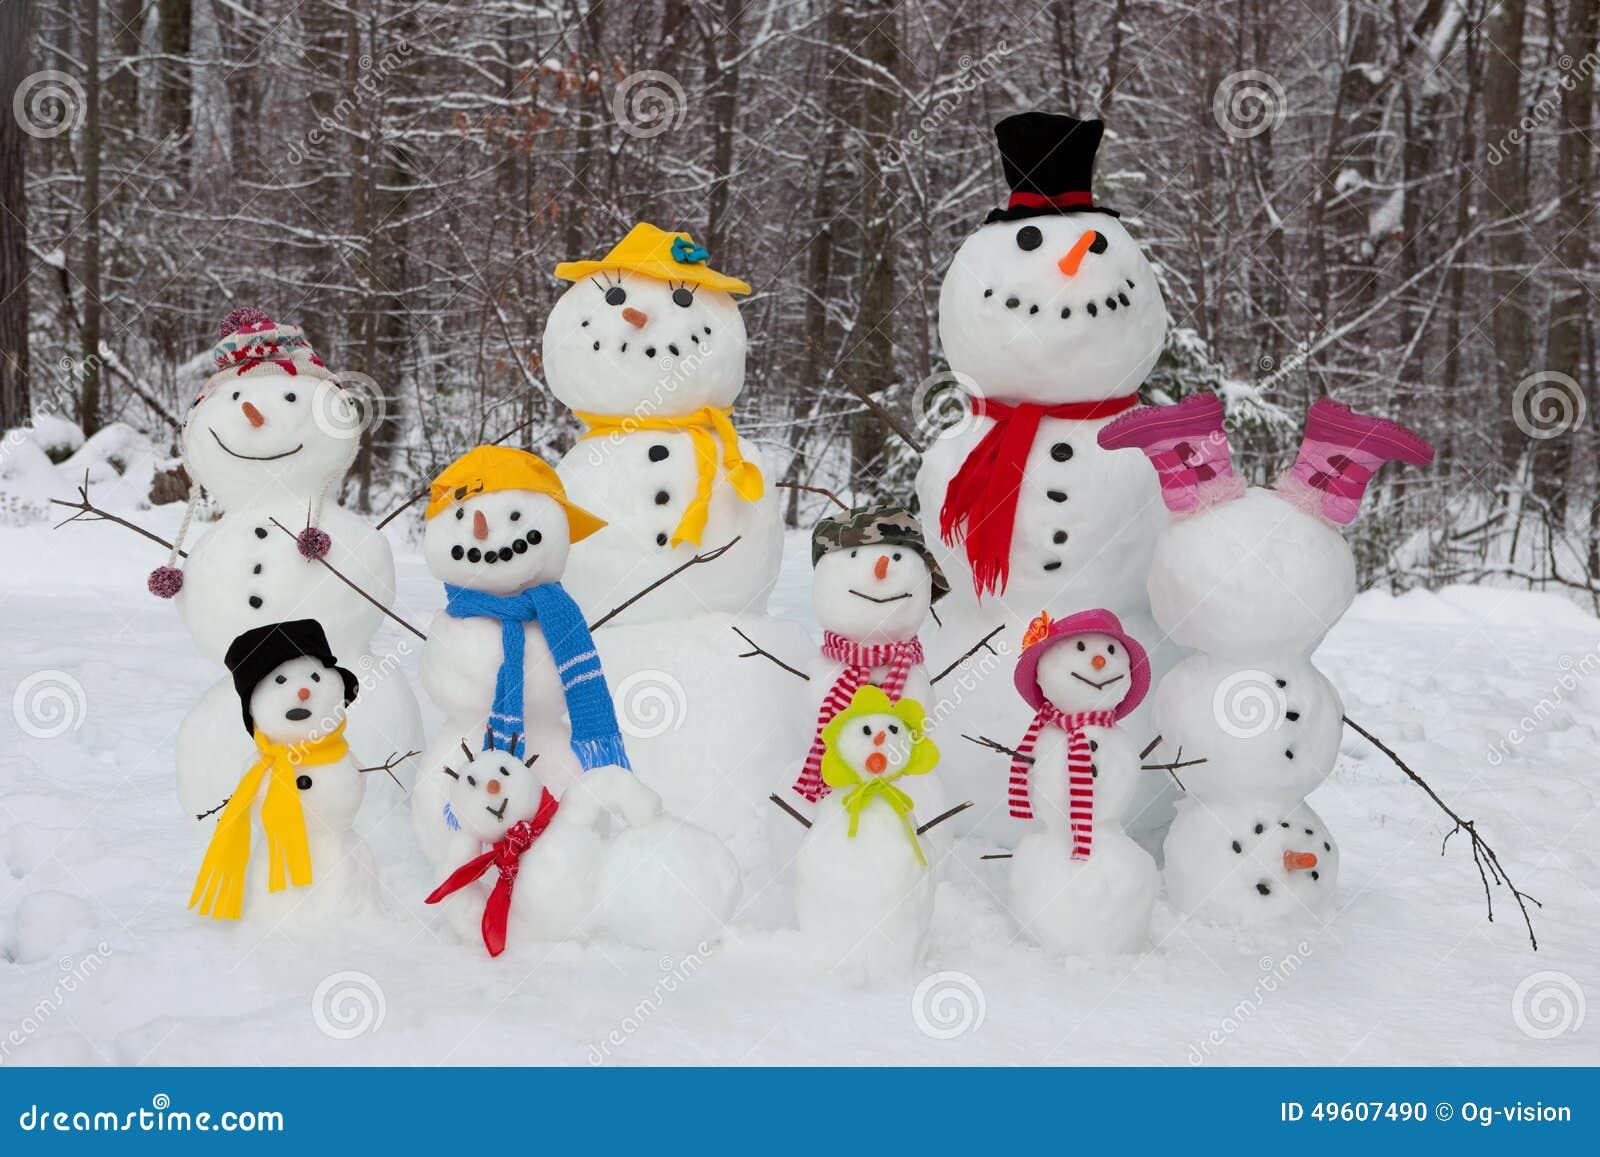 爸爸跌倒系列妈咪户外微笑的雪雪人儿子冬天